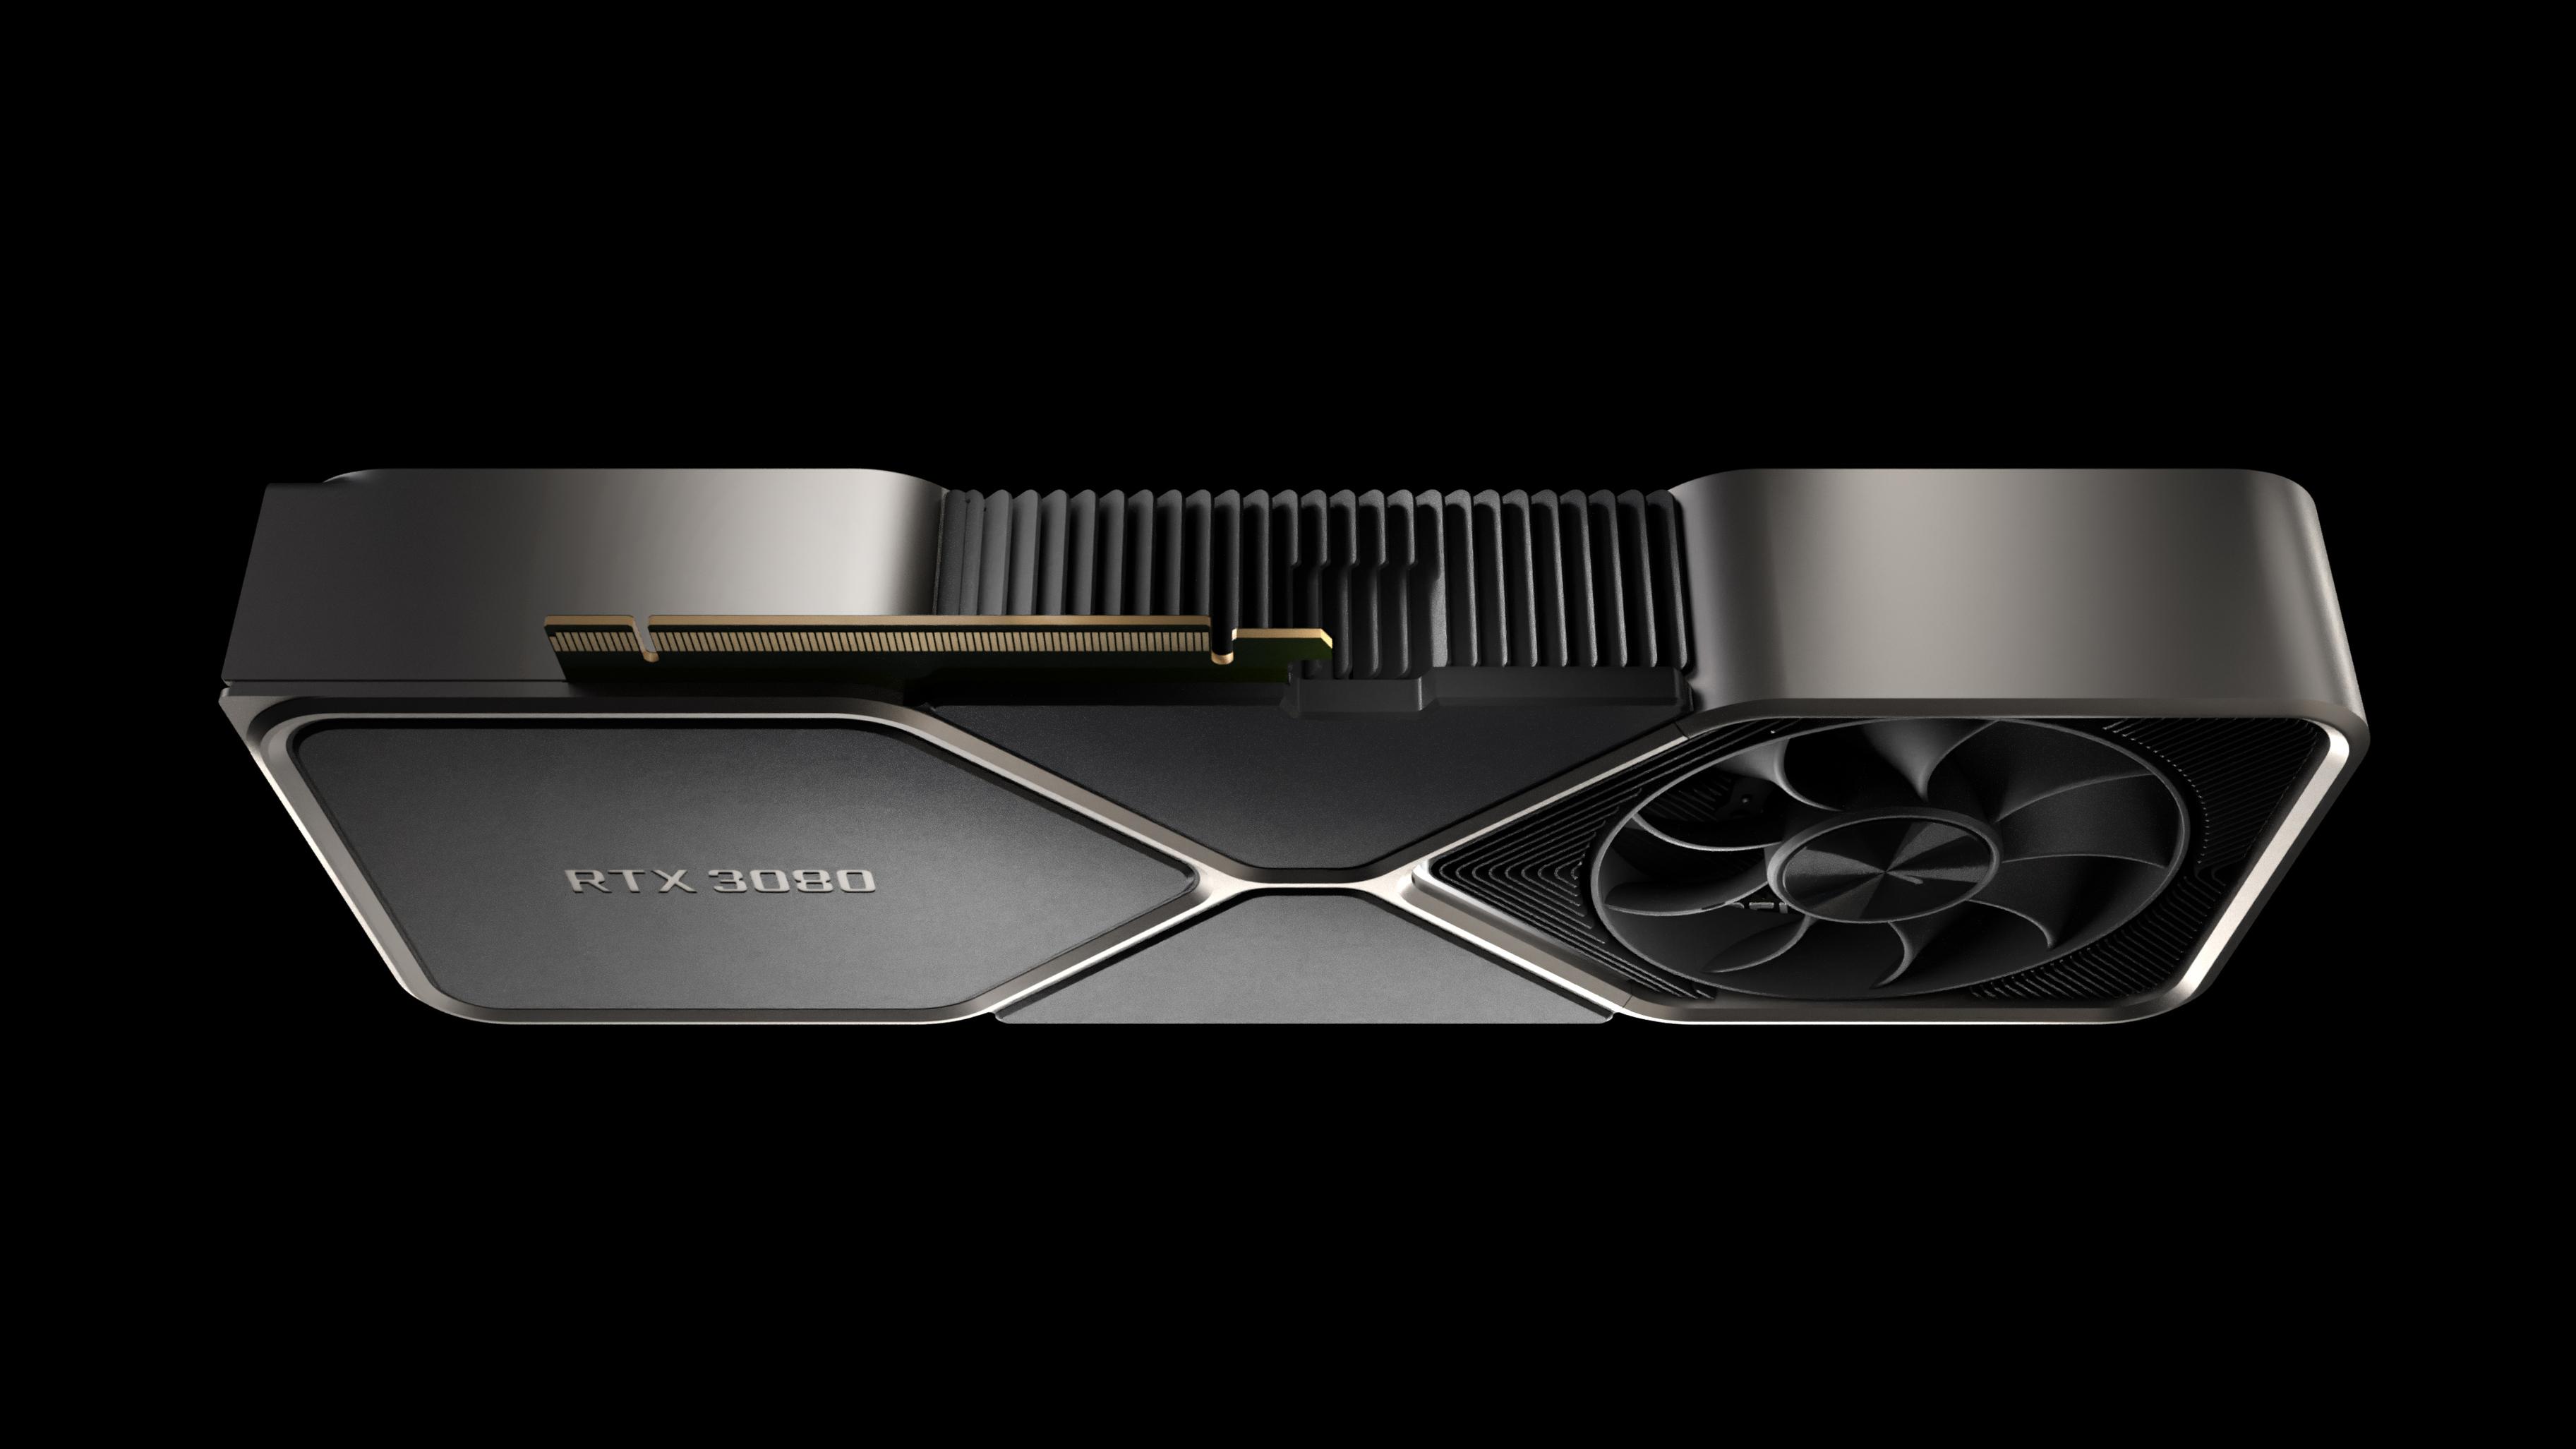 Раскрыты новые версии видеокарт NVIDIA RTX 3080 и RTX 3070